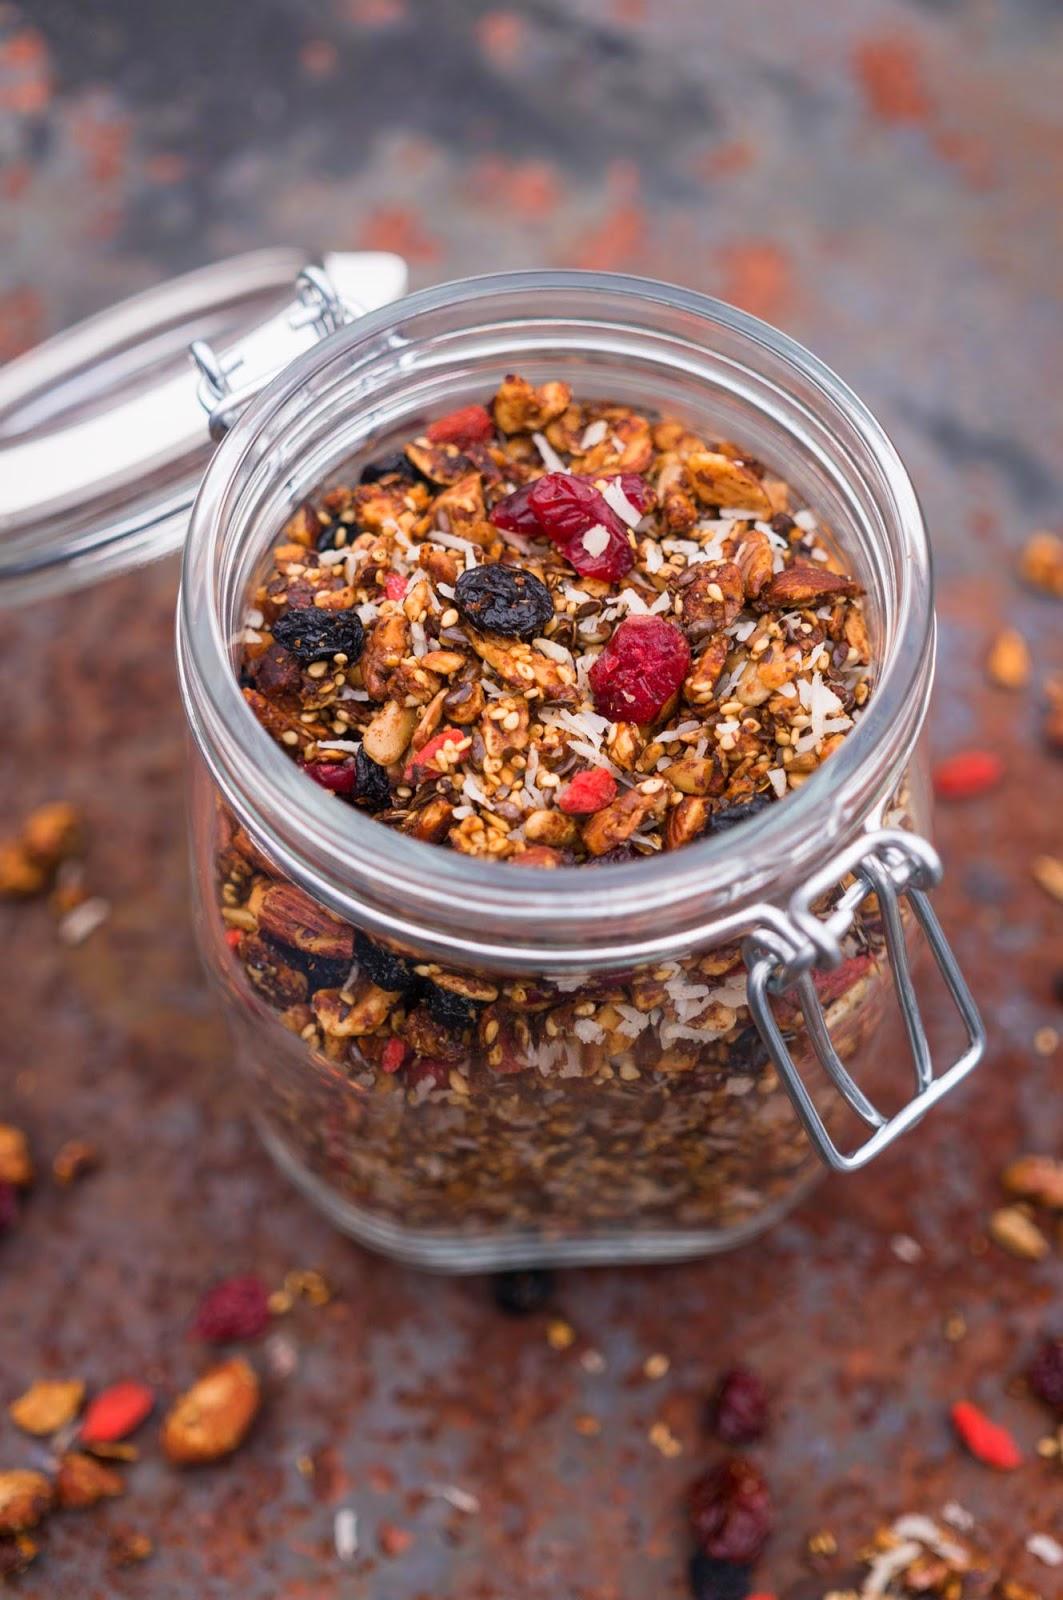 Hemmagjord granola med kanel och kardemumma